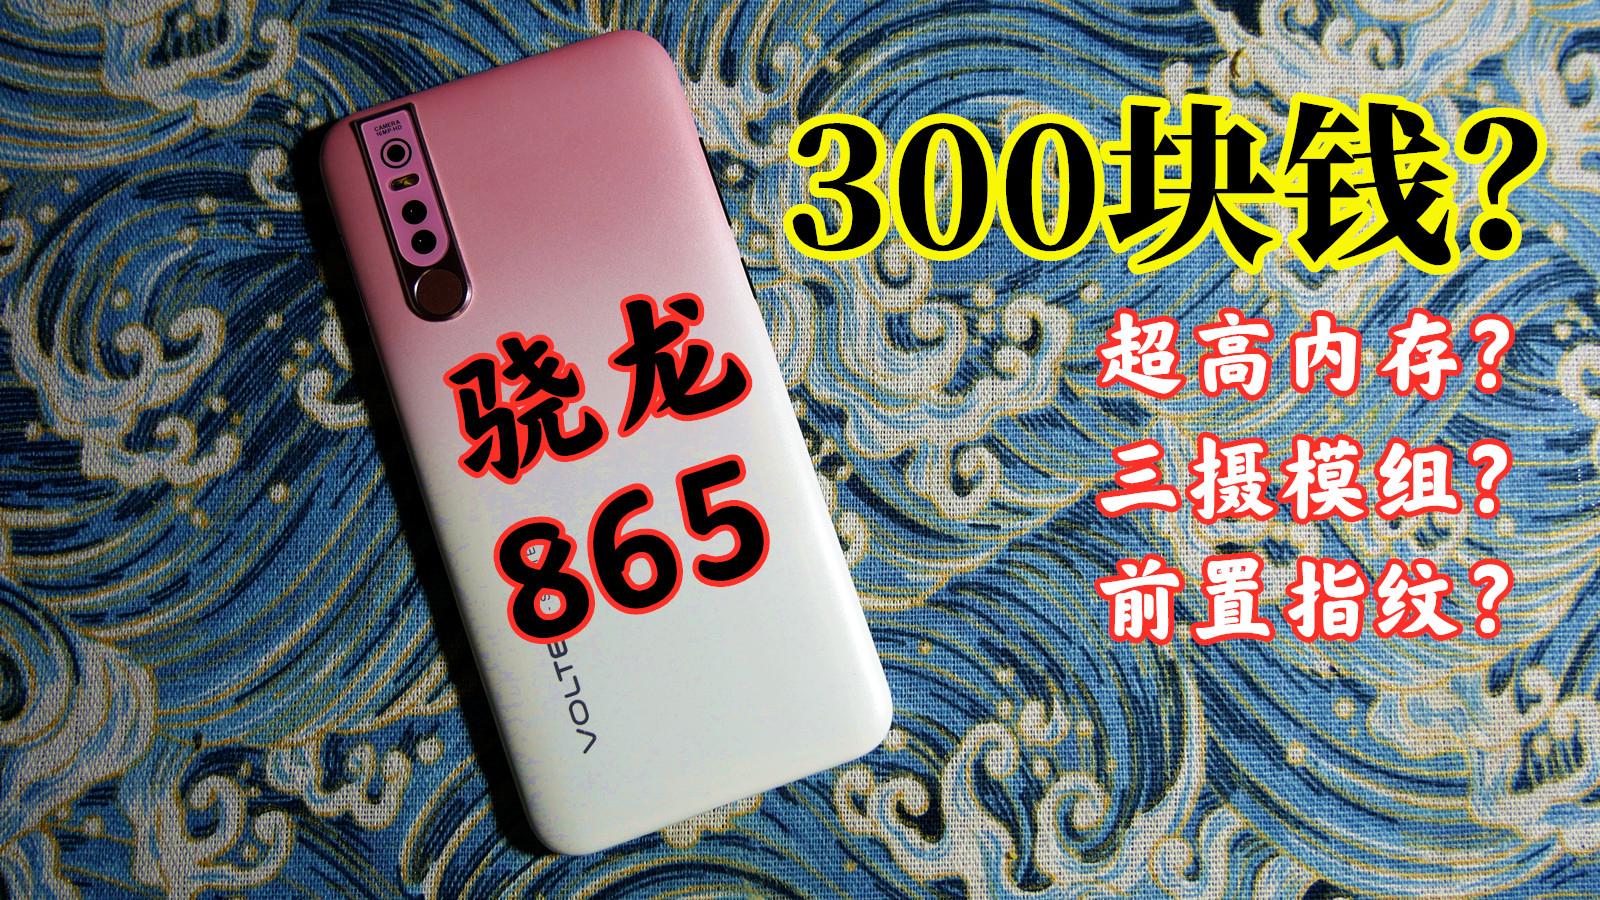 300块钱就能买到骁龙865的手机?为何这样的店铺还能开下去?